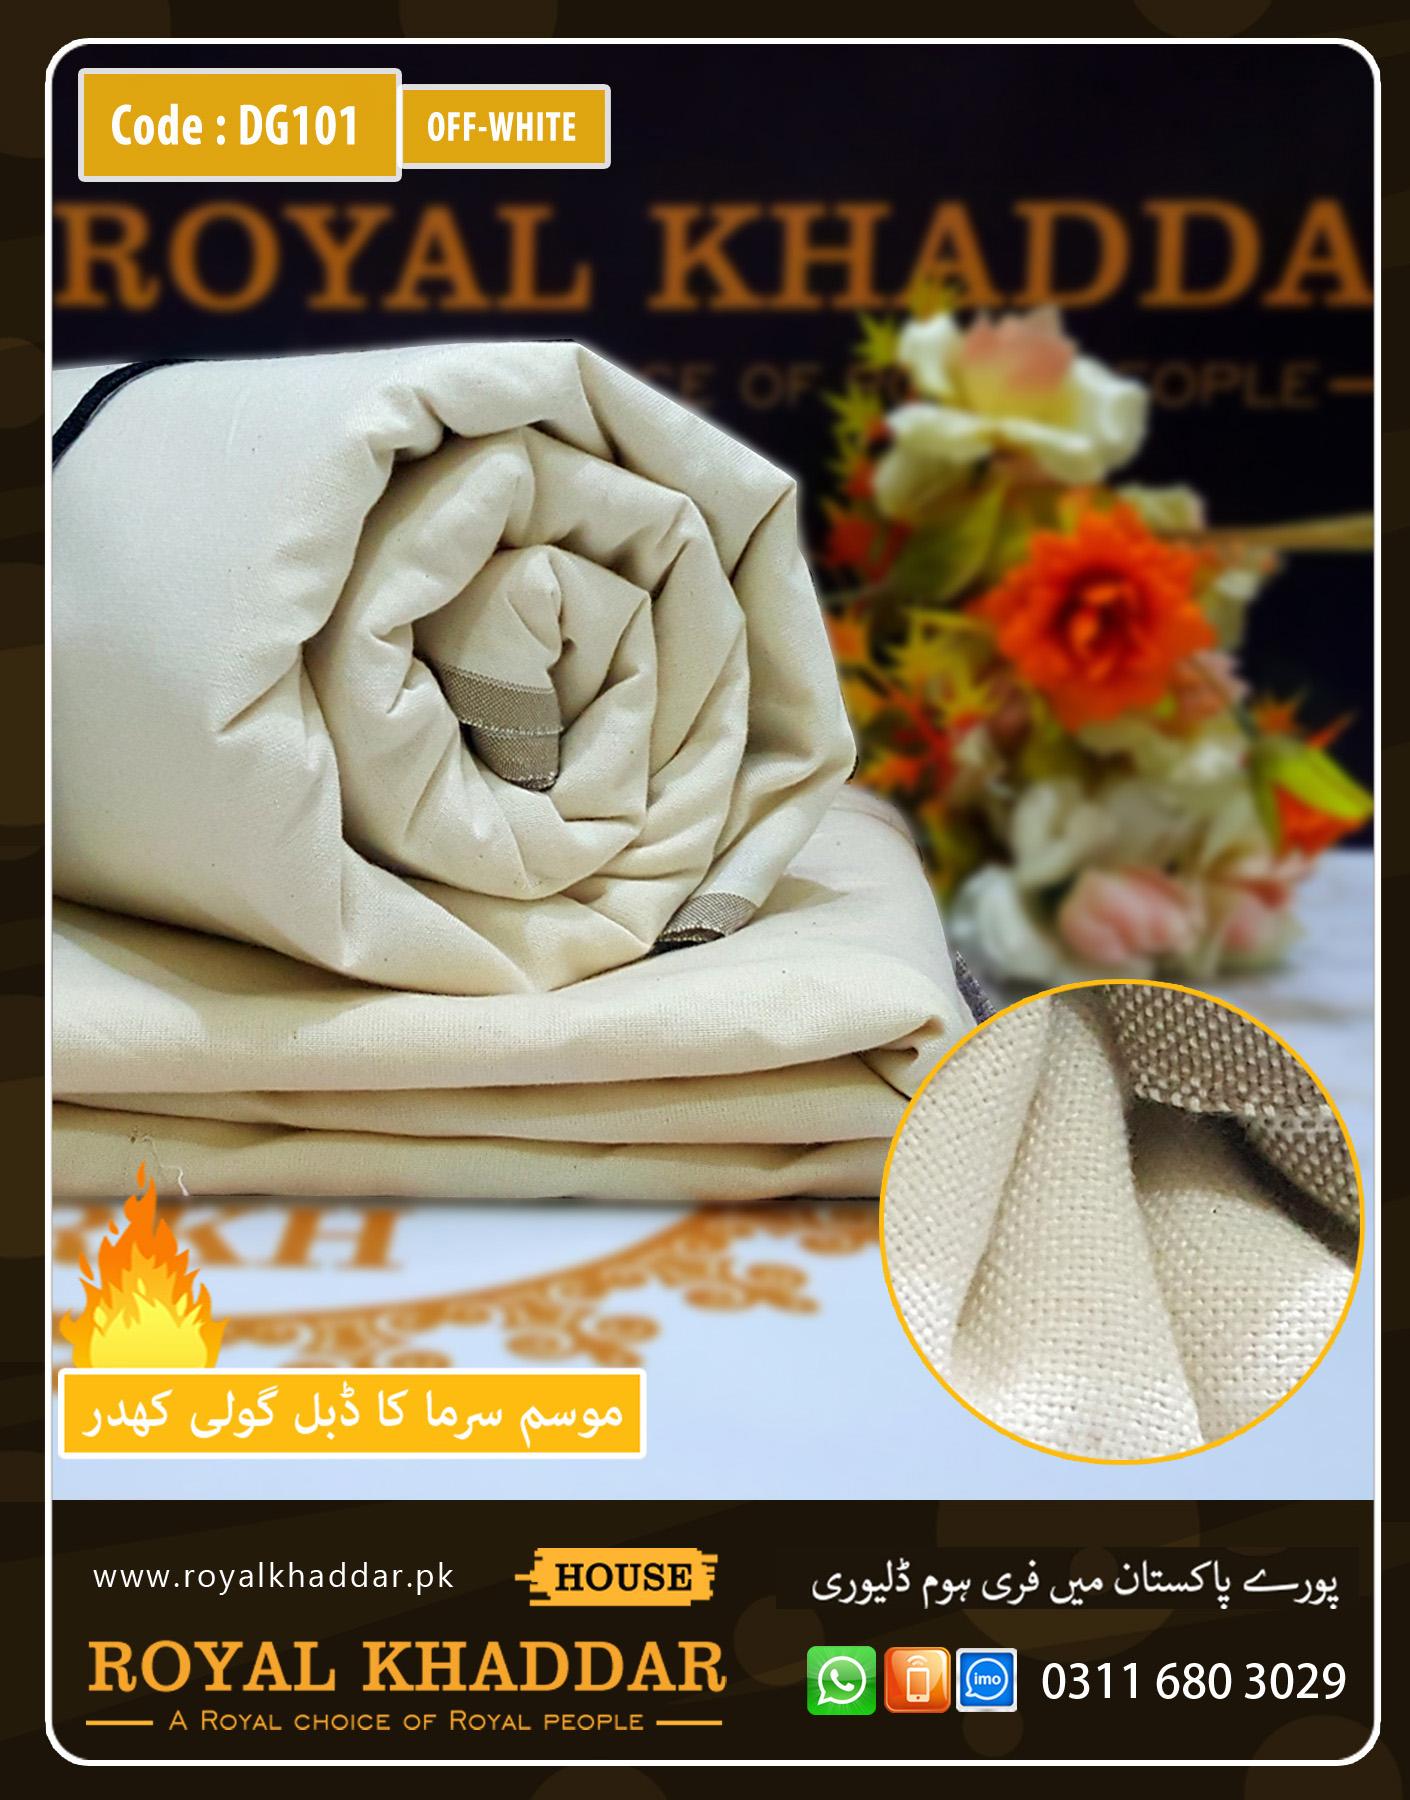 DG101 Off-White Double Goli Winter Khaddar